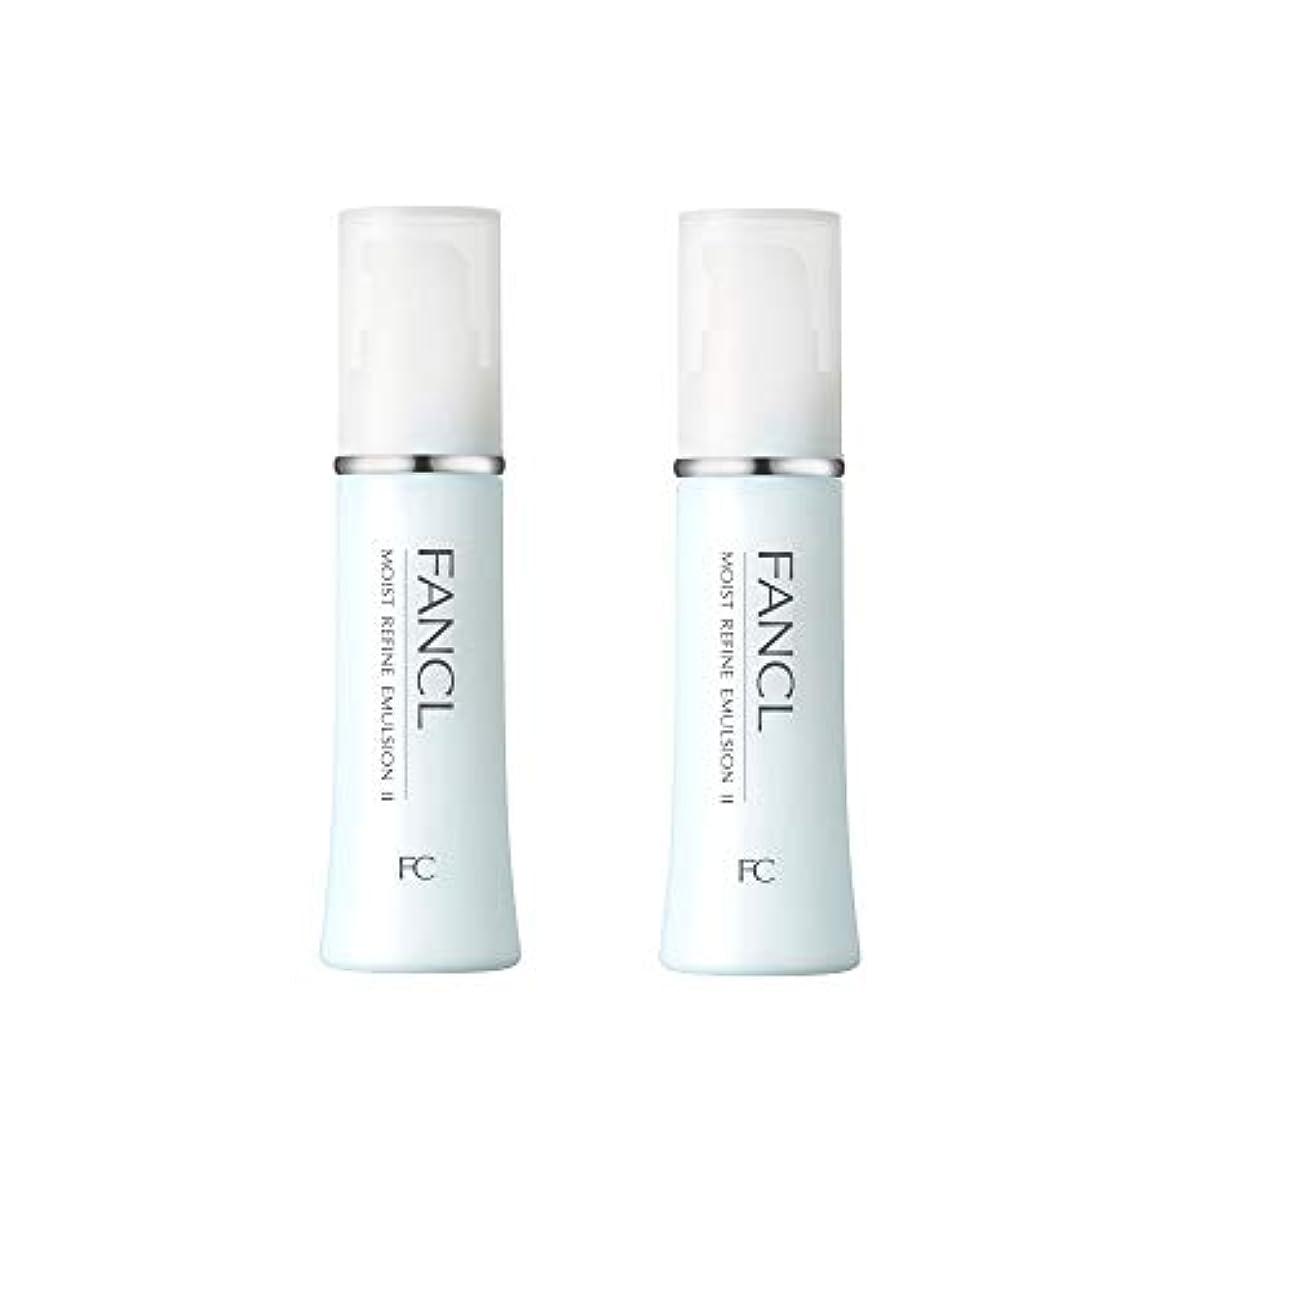 幅瞑想的美容師ファンケル (FANCL) モイストリファイン 乳液II しっとり 2本セット 30mL×2 (約60日分)